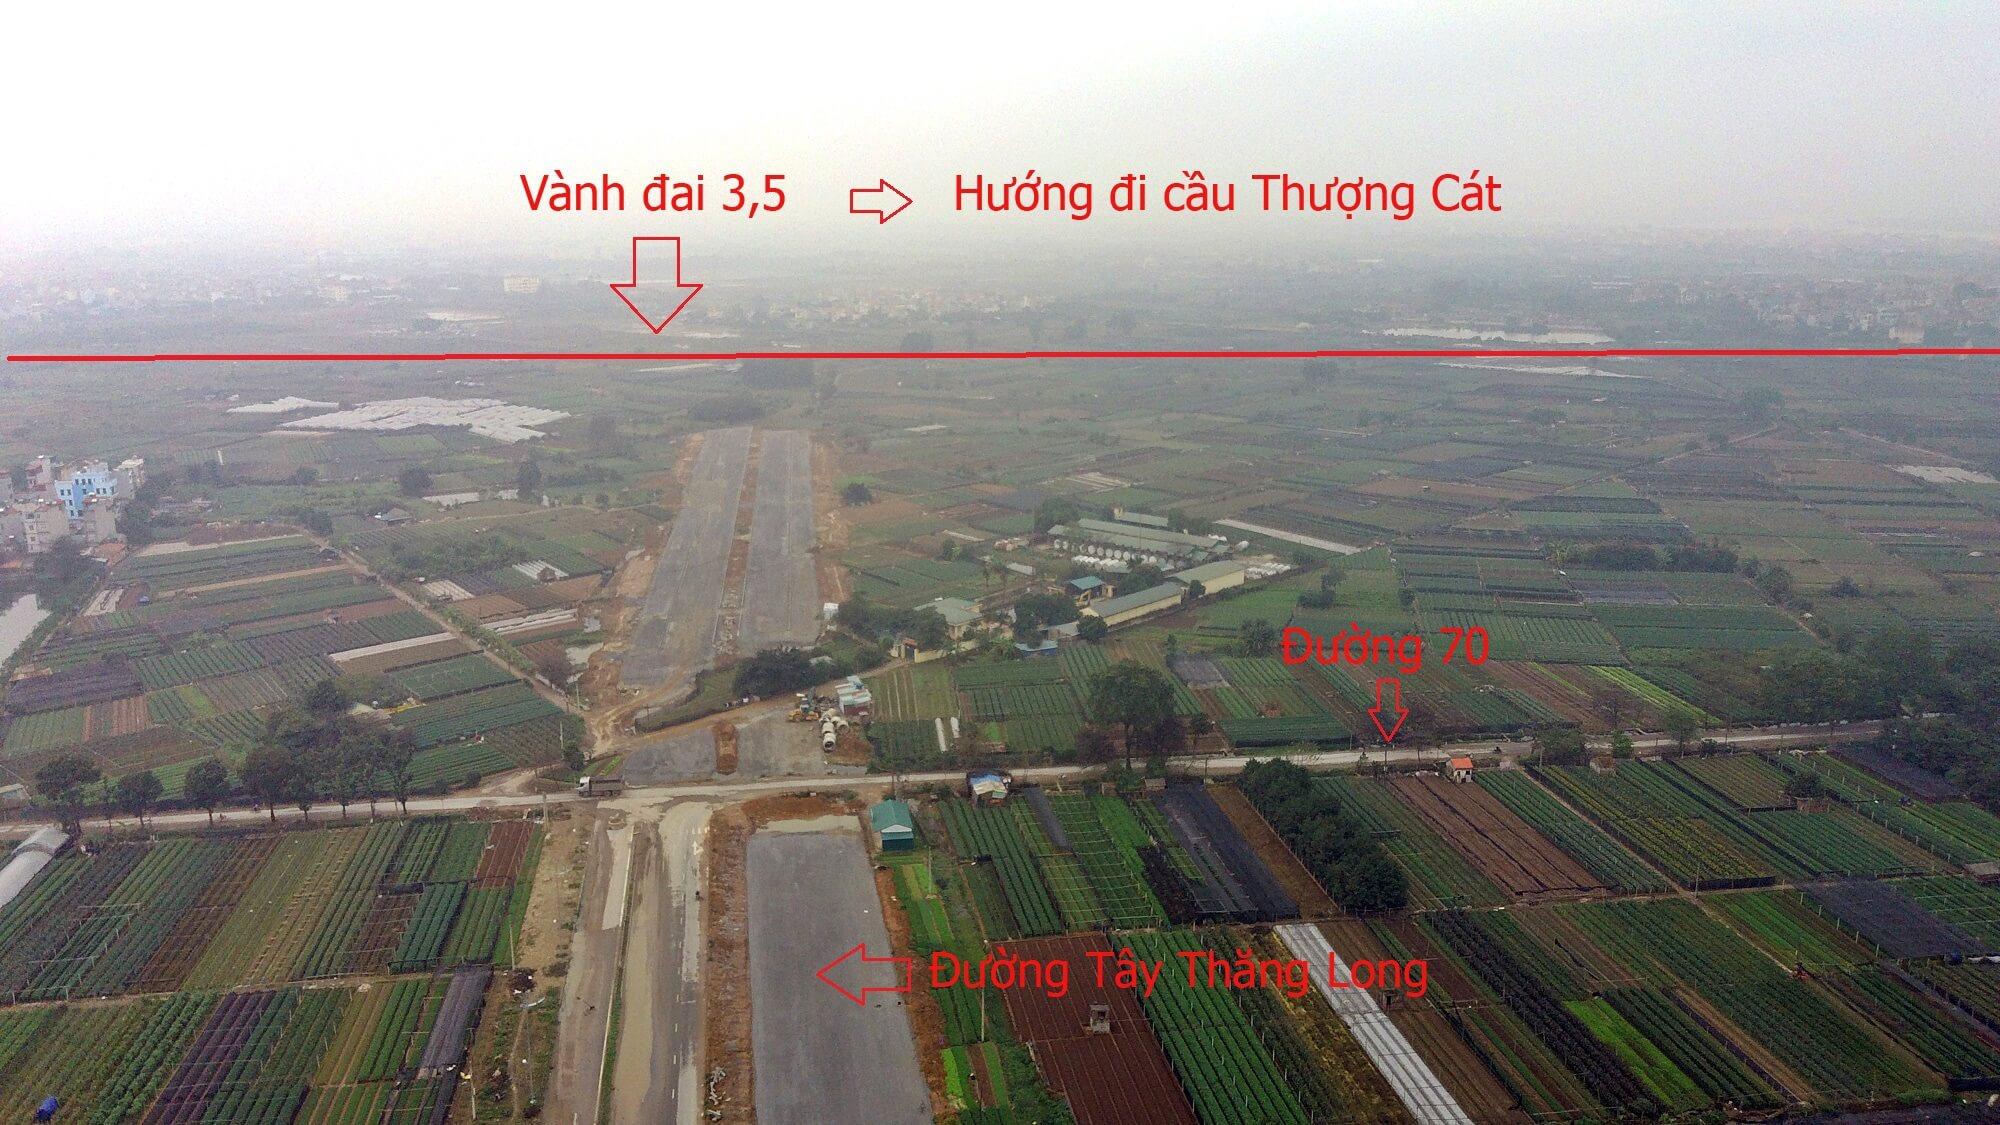 Nút giao thông giữa đường Tây Thăng Long và đường vành đai 3,5.